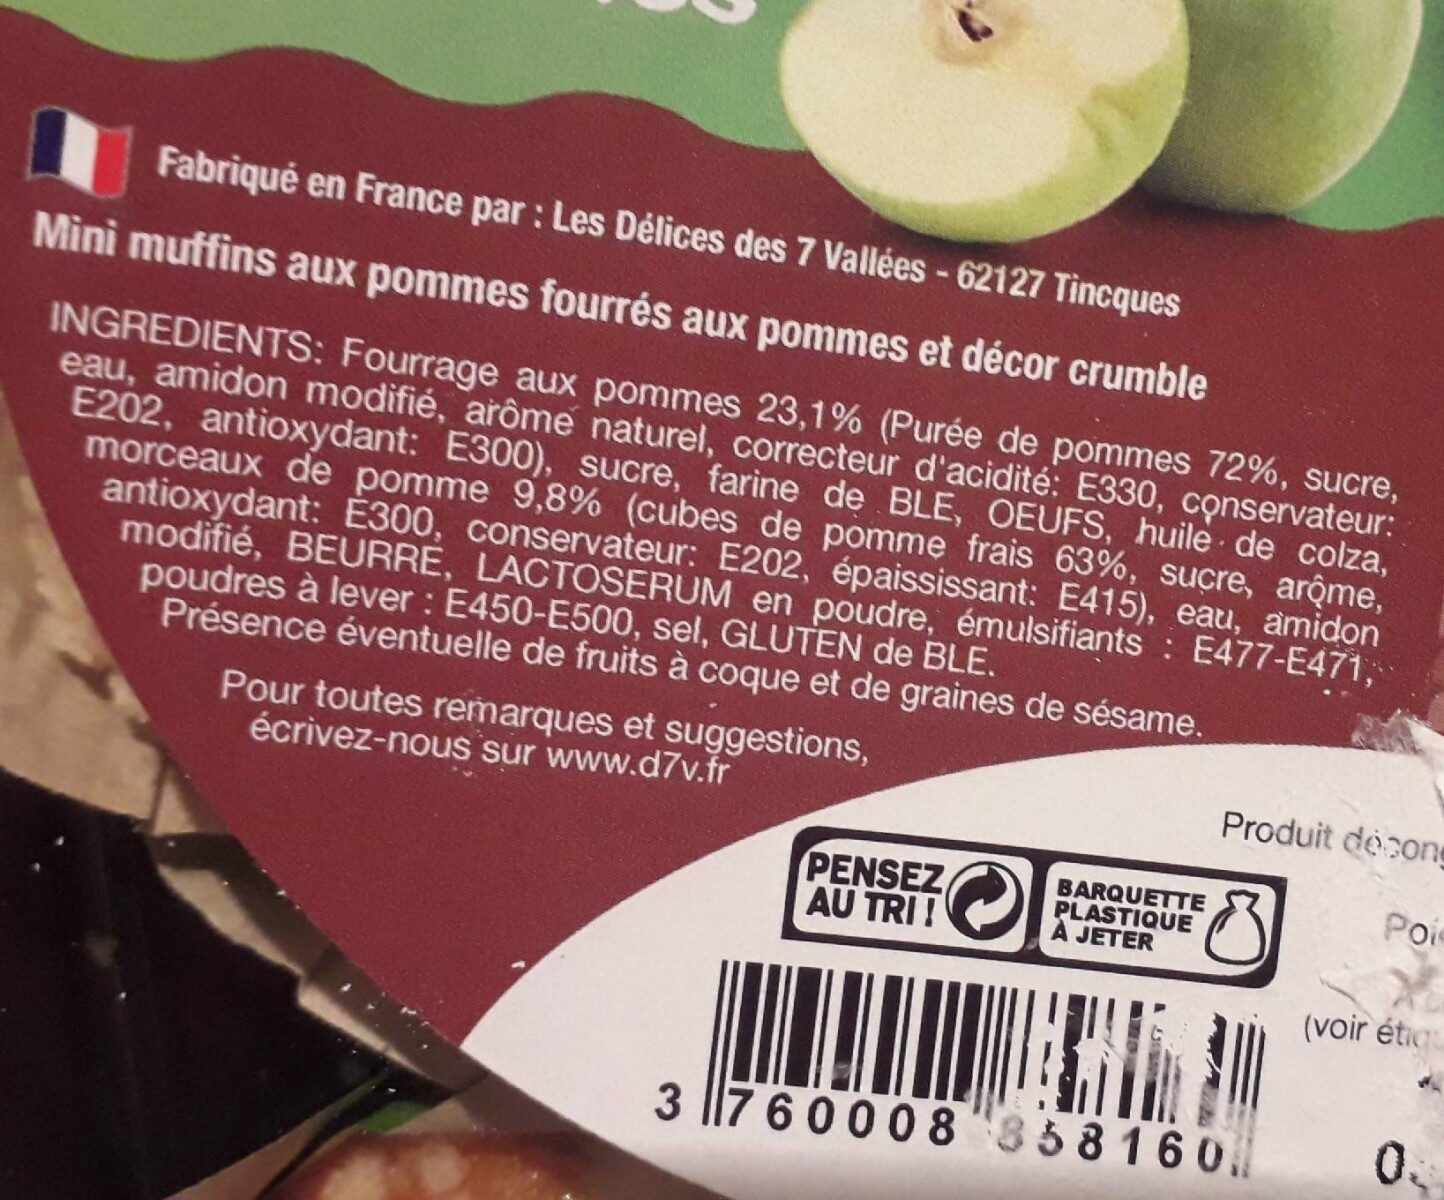 Mini muffins coeur fondant aux pommes - Ingrédients - fr